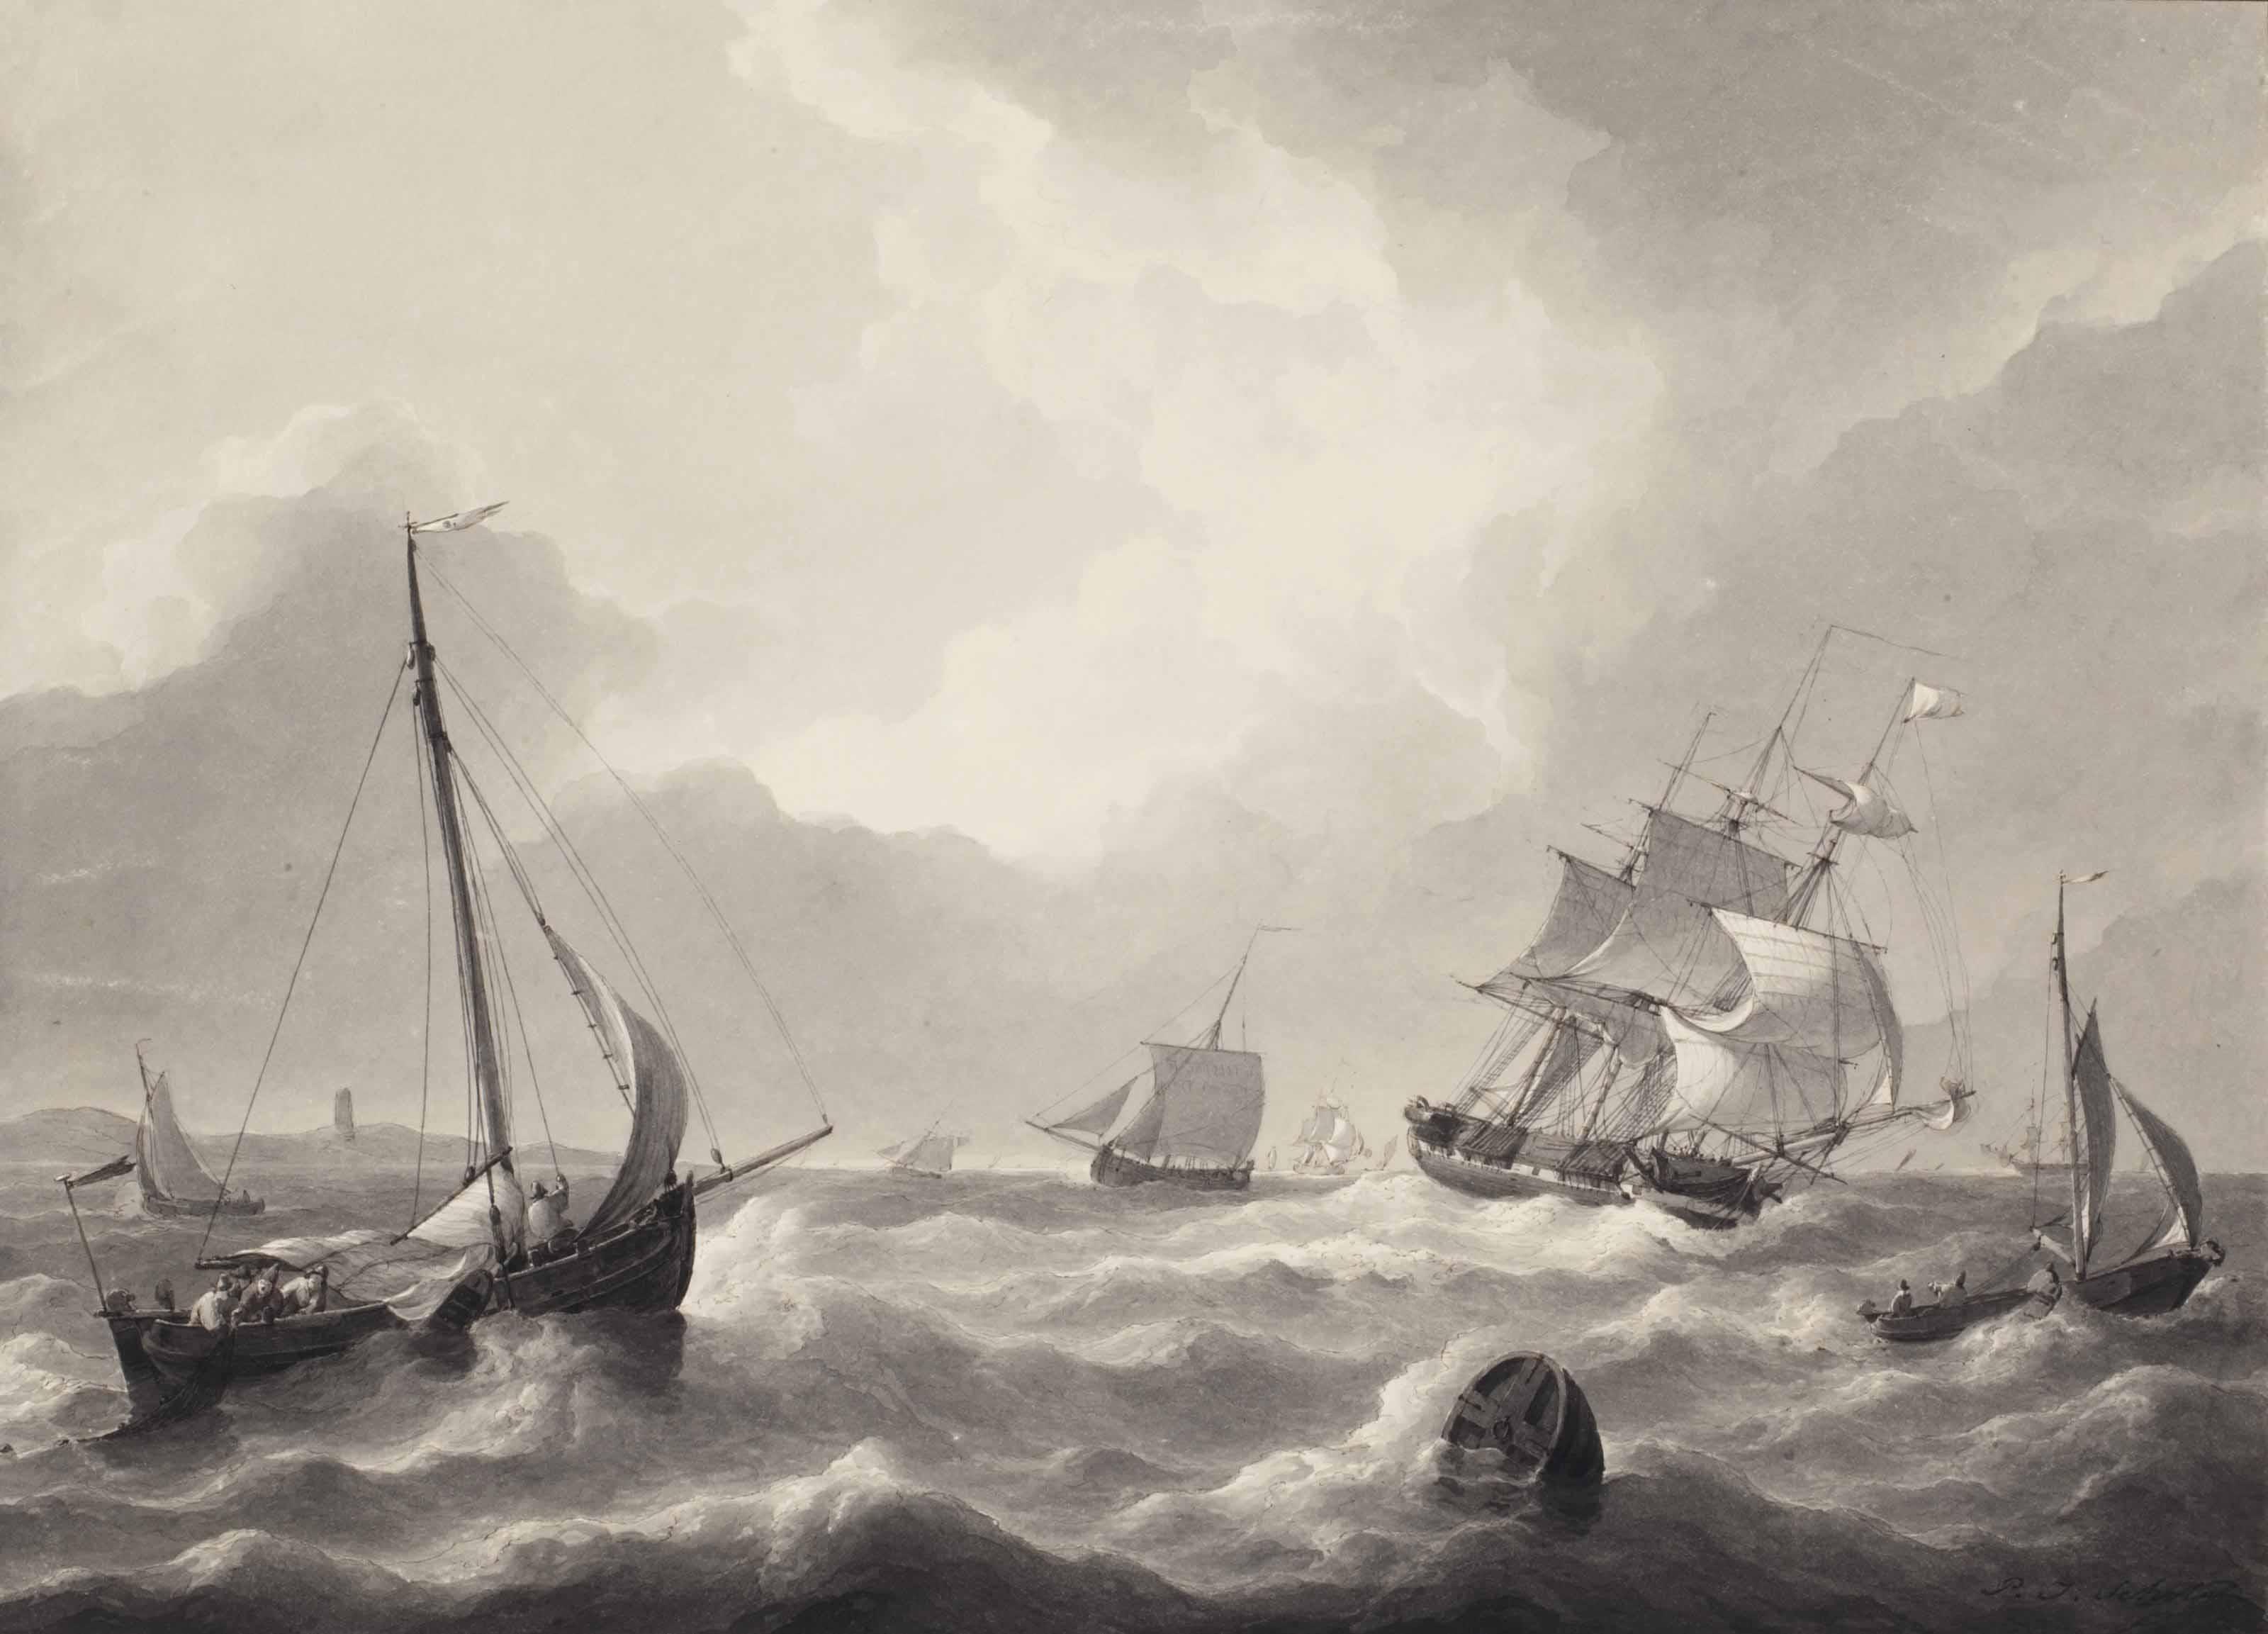 Shipping on a choppy sea, possibly near Katwijk aan Zee